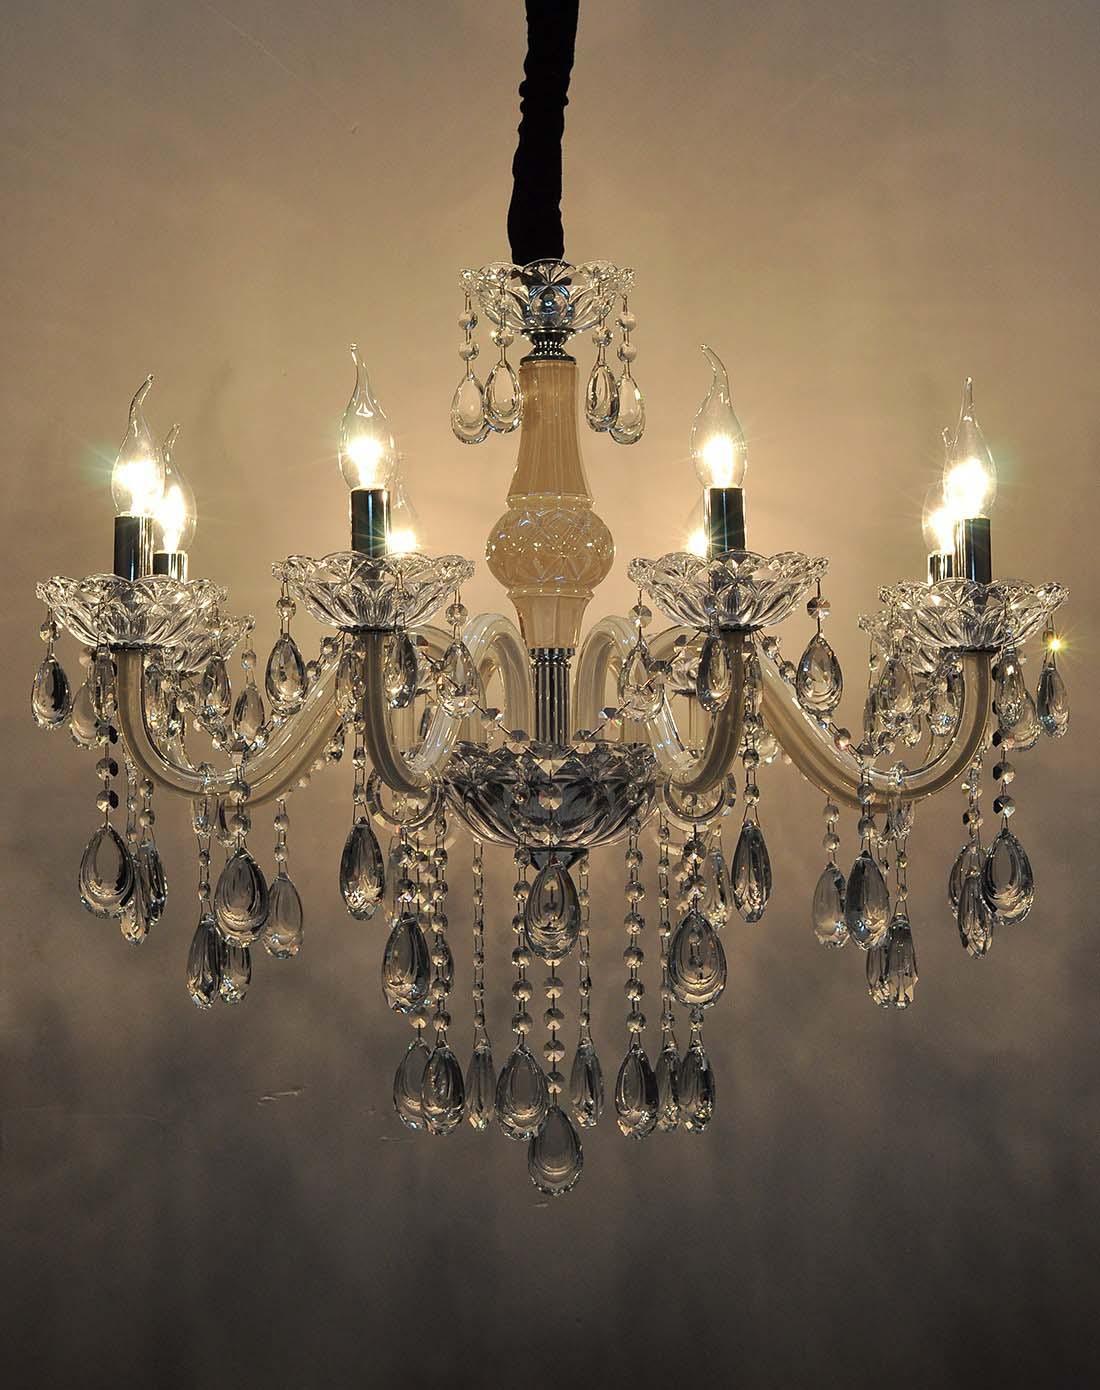 高档玻璃弯管奢华黄水晶吊灯d22-8